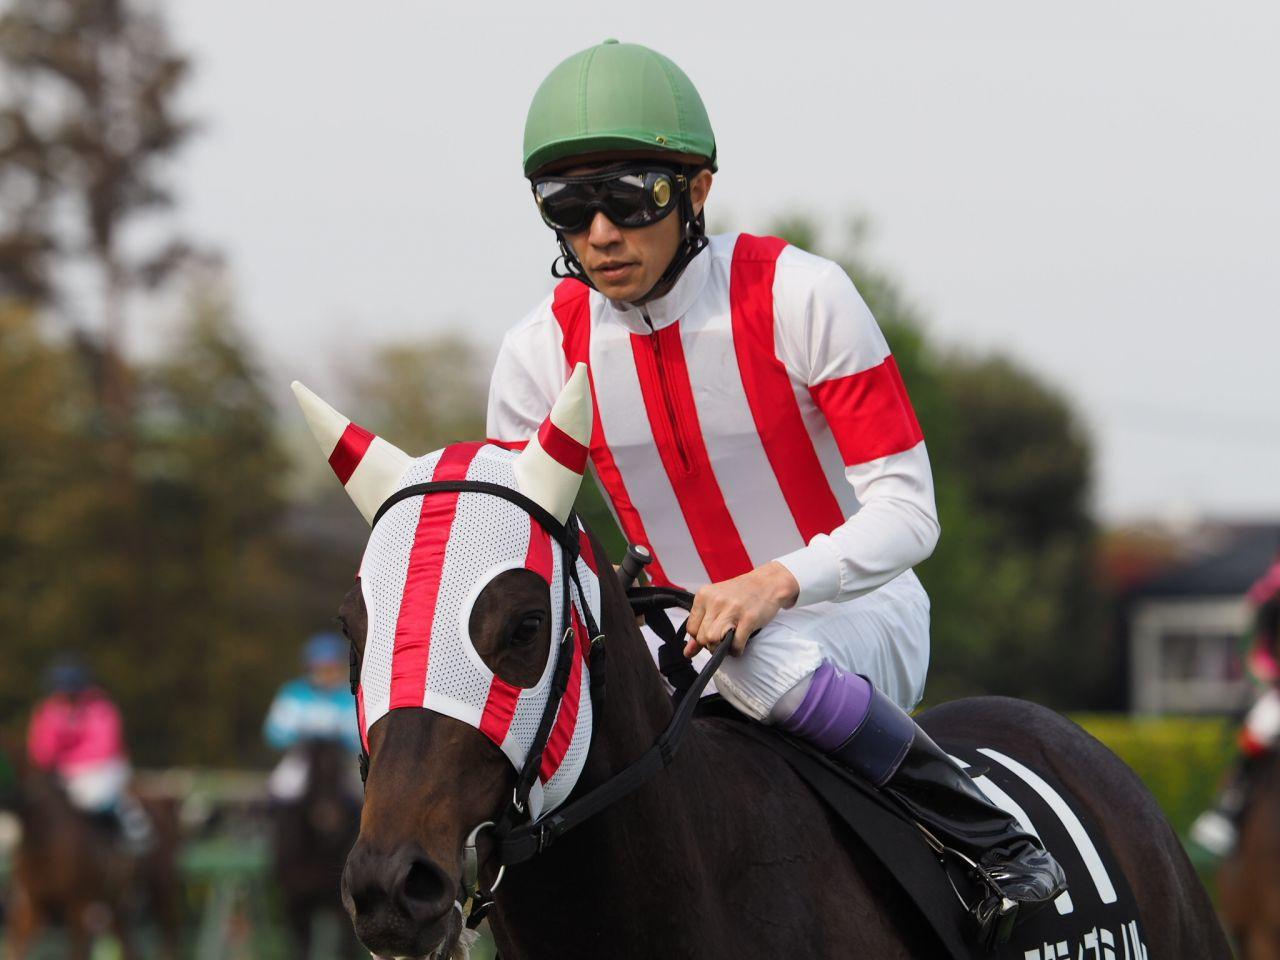 2019凱旋門賞(G1)パリロンシャン競馬場の馬場状態および天気予報について(日本時間10月4日17時30分現在)